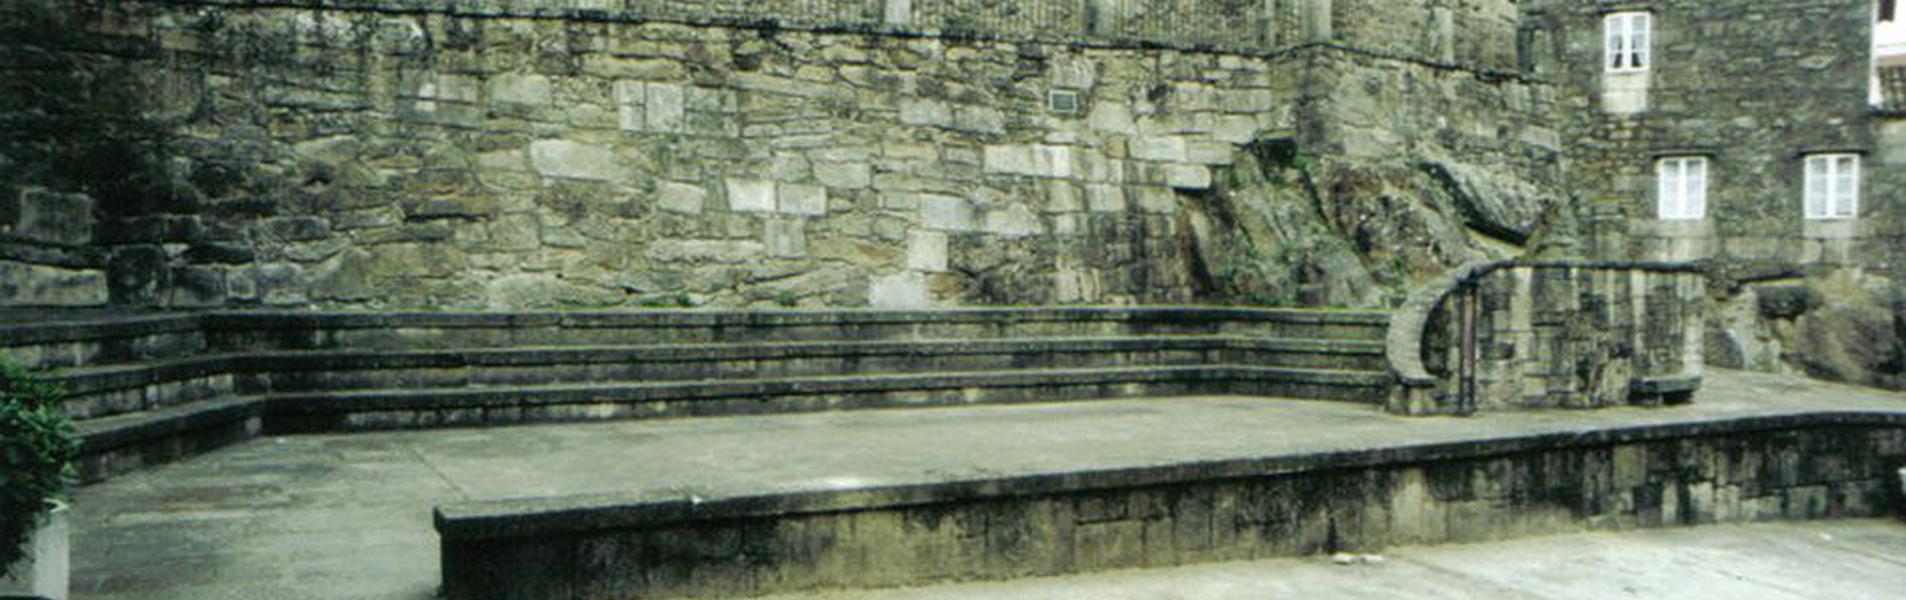 Muralla de Tui